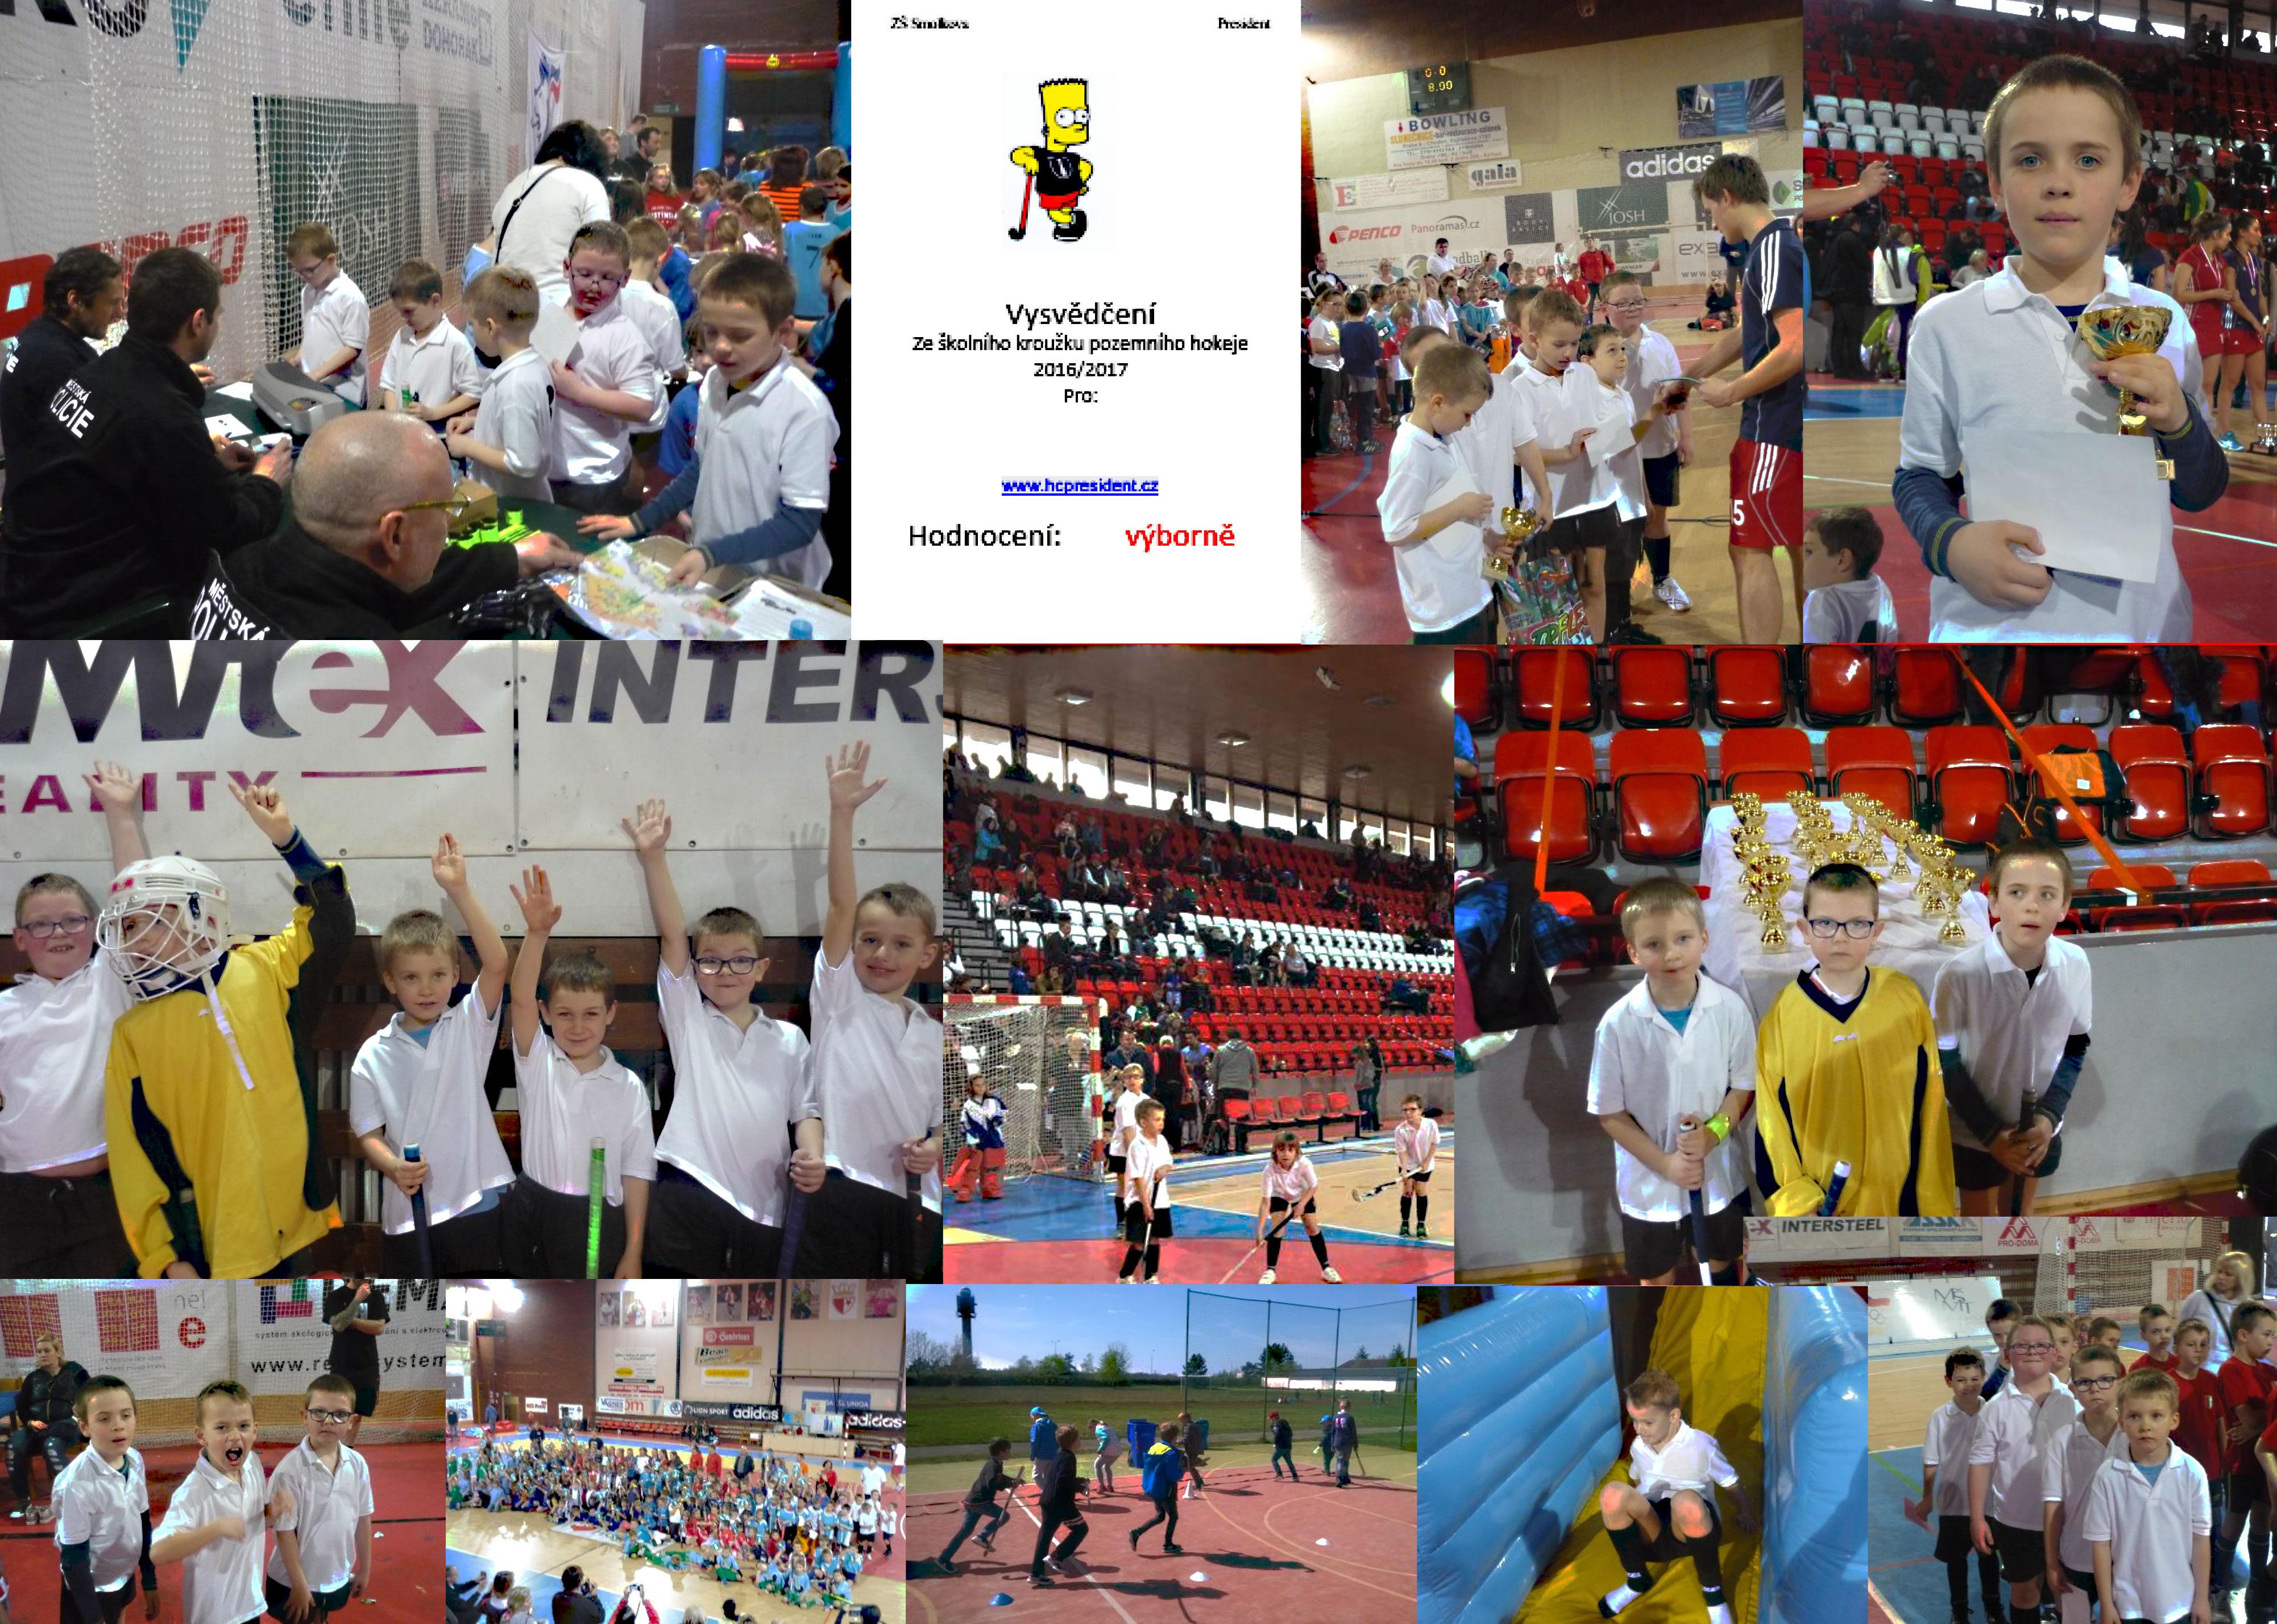 Vysvědčení pro děti z kroužku ZŠ Smolkova